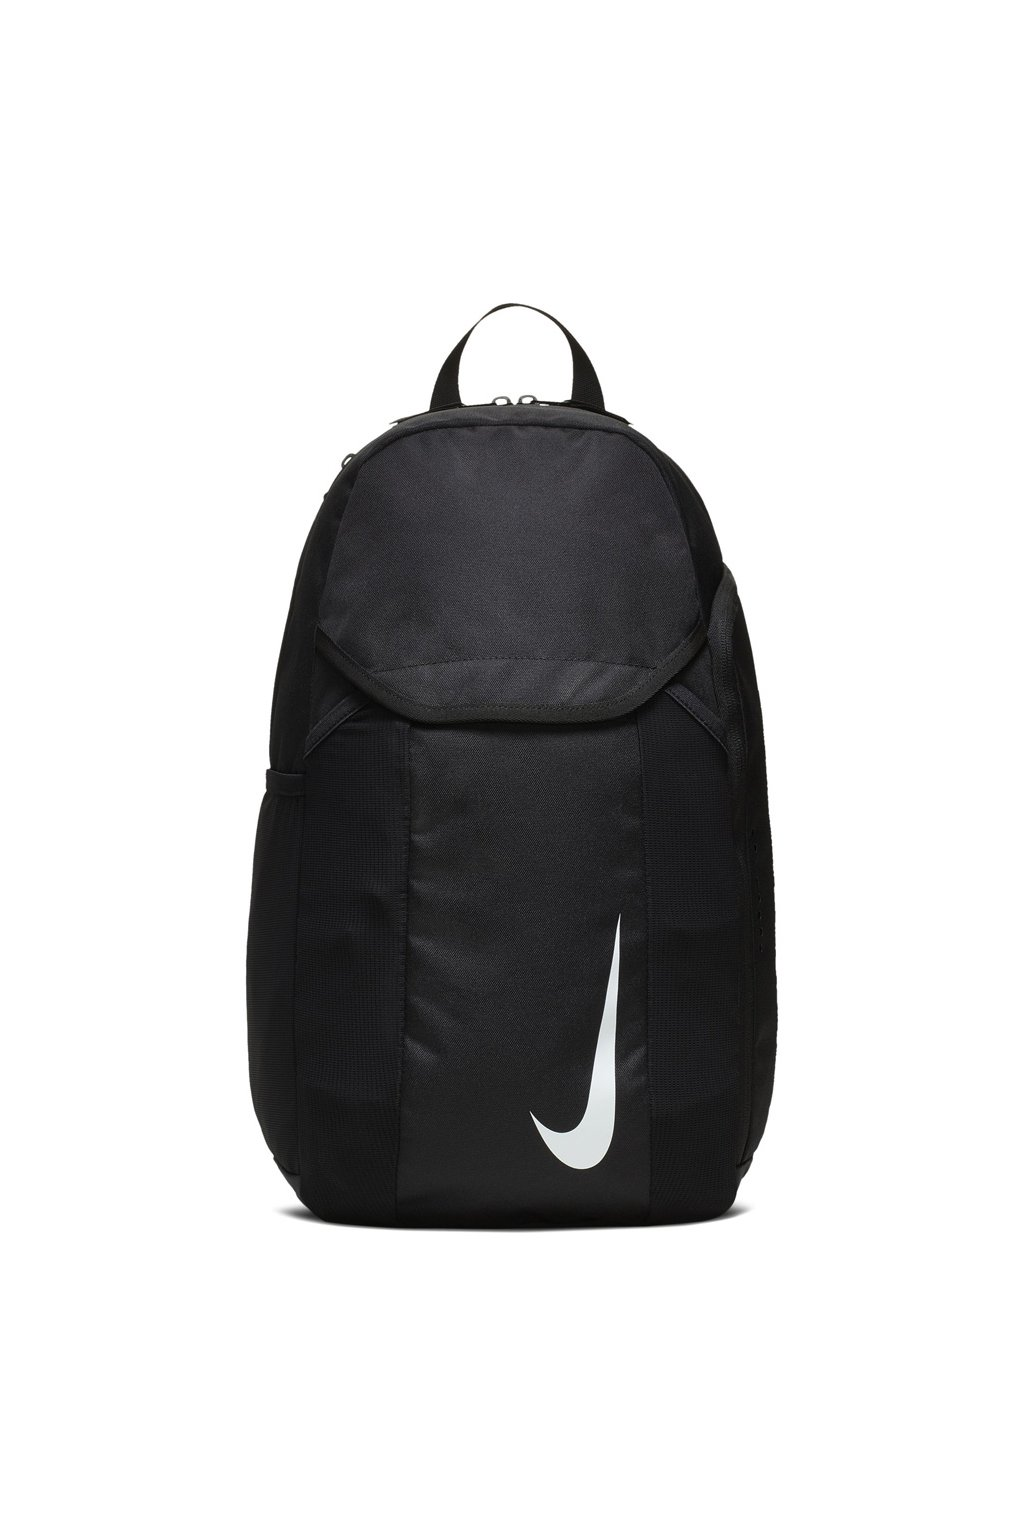 Batoh Nike Academy Team čierny BA5501 010